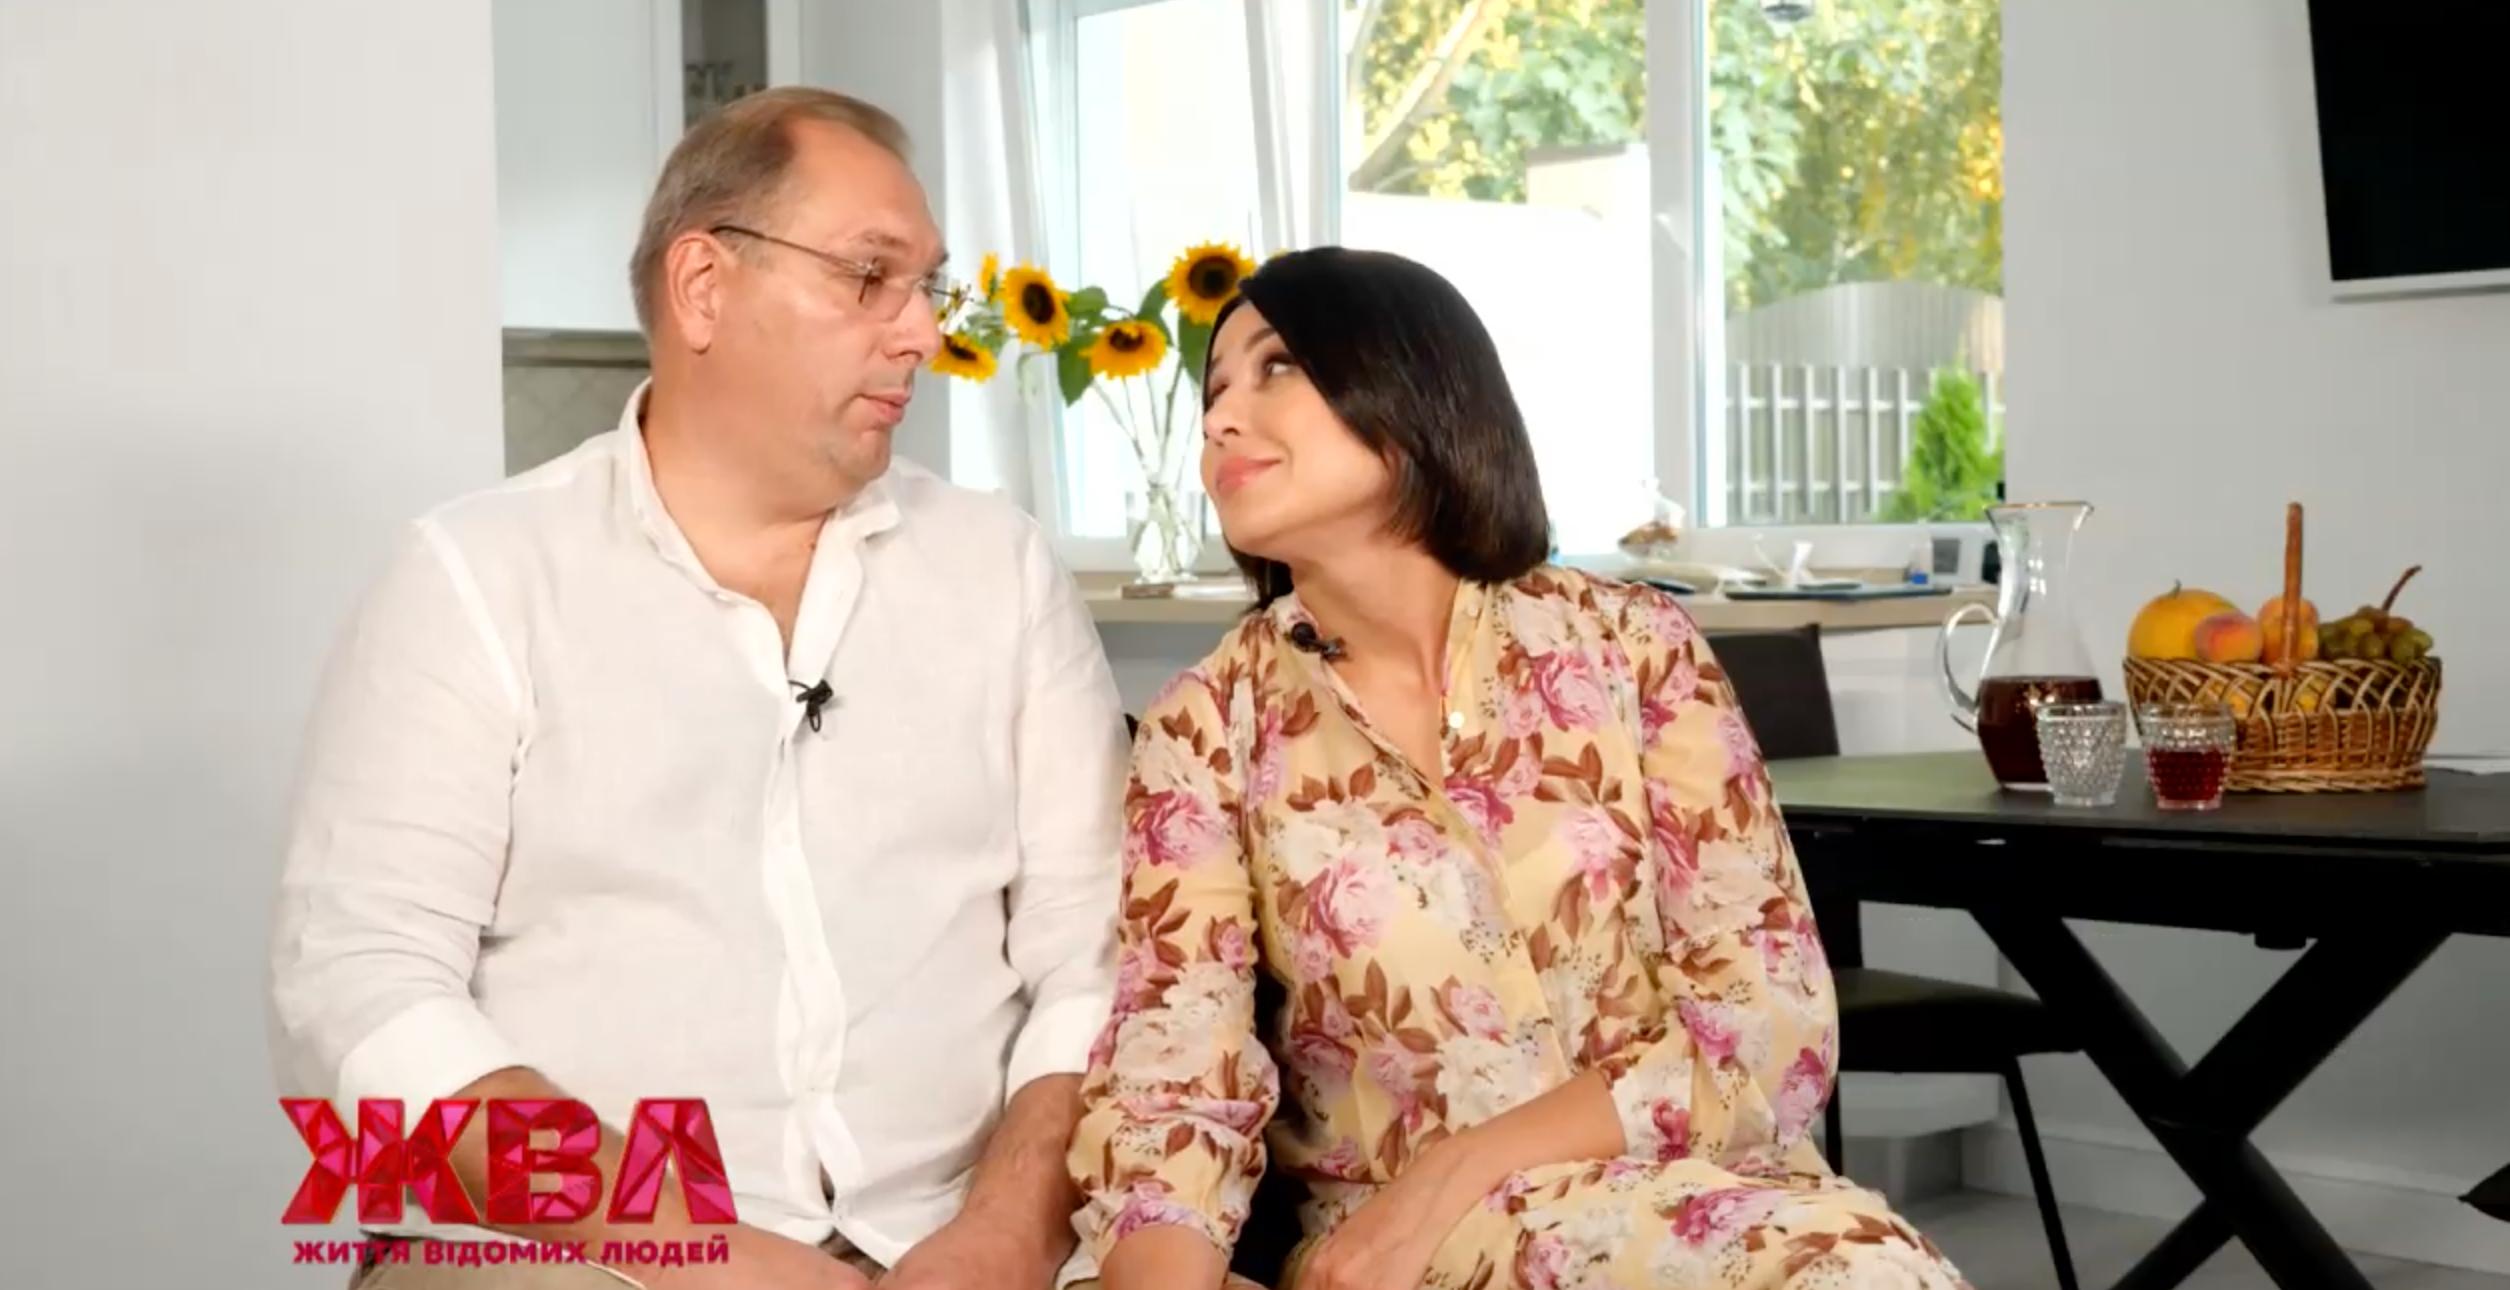 """Чоловік Наталії Мосейчук розкрив правду про зіркову дружину: """"у нас демократична сім'я"""""""